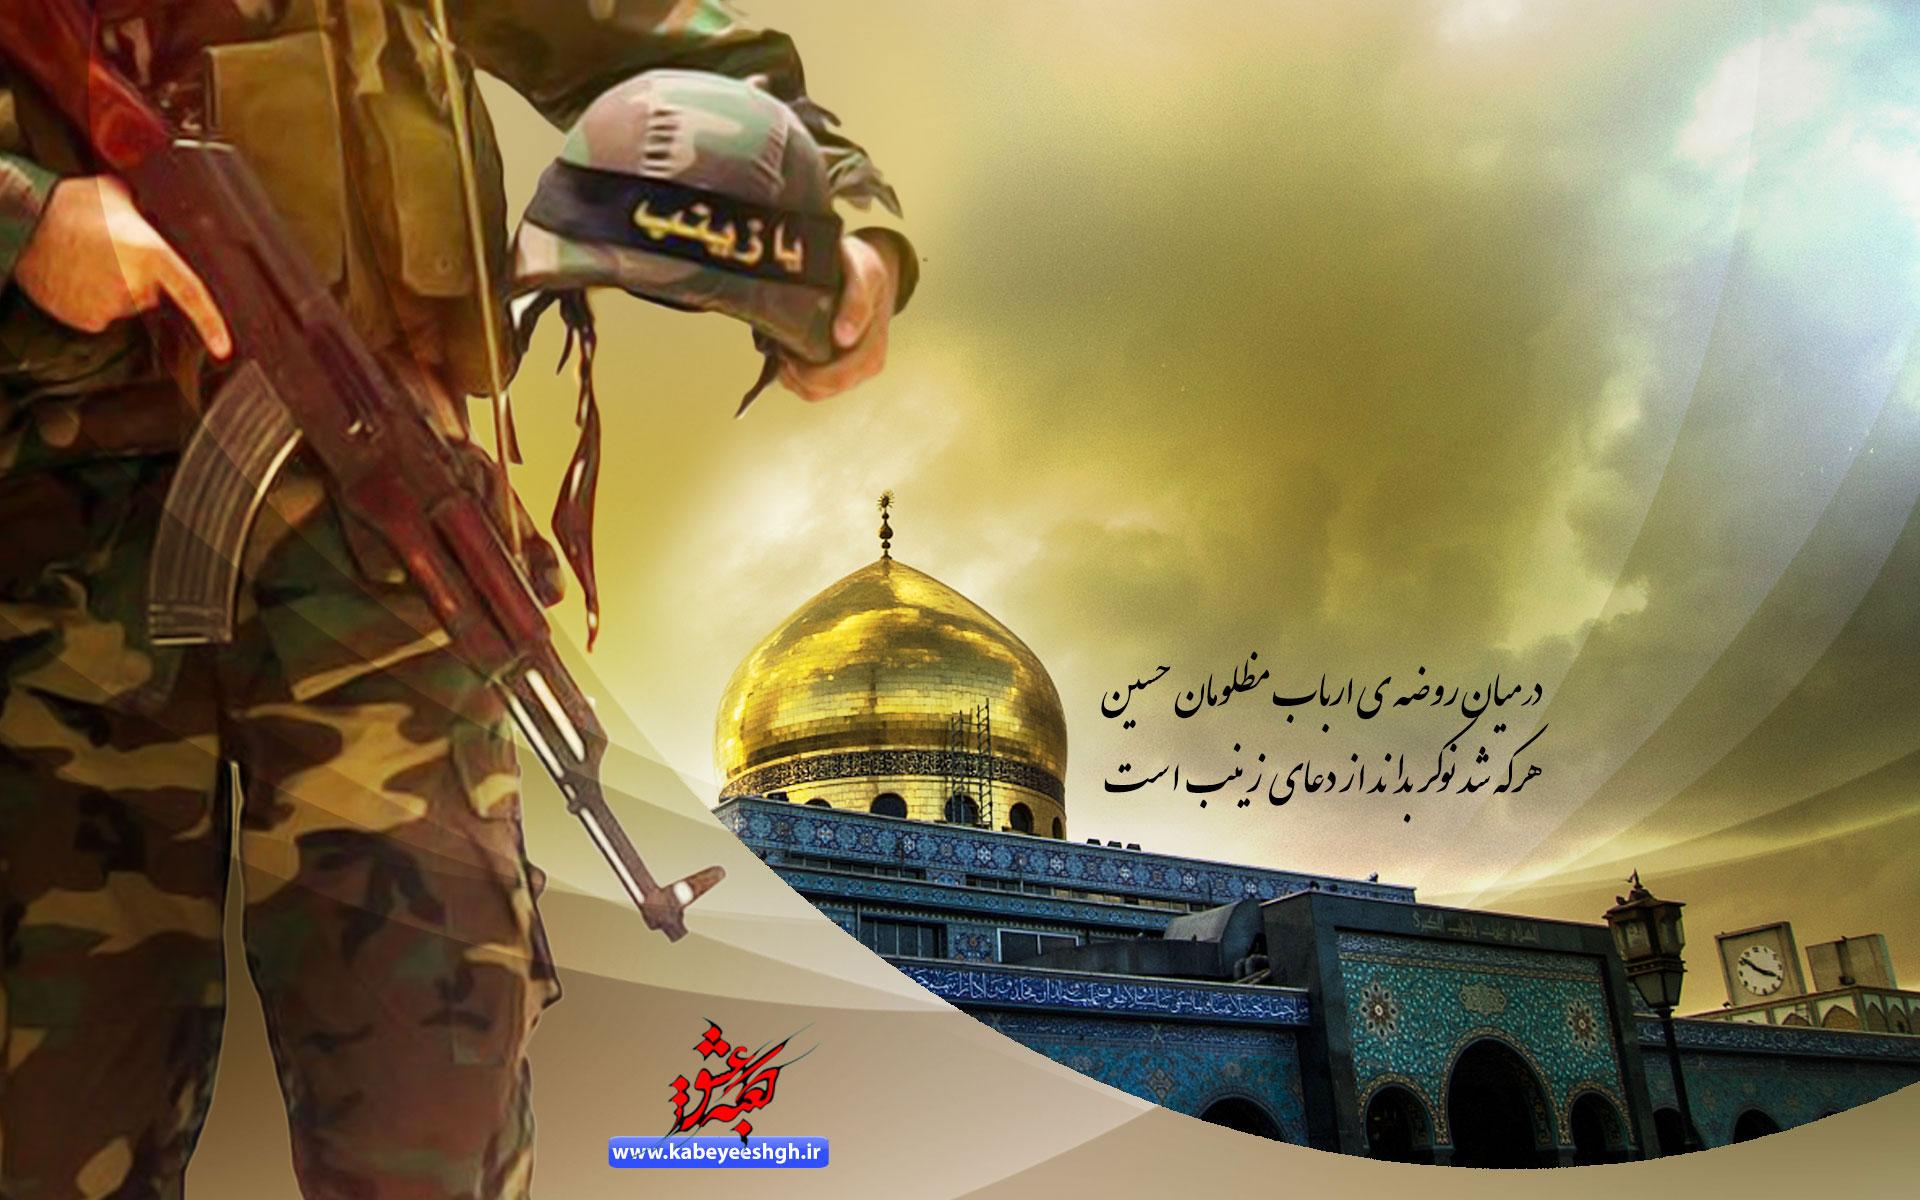 وداع با شهید مدافع حرم - مازندران